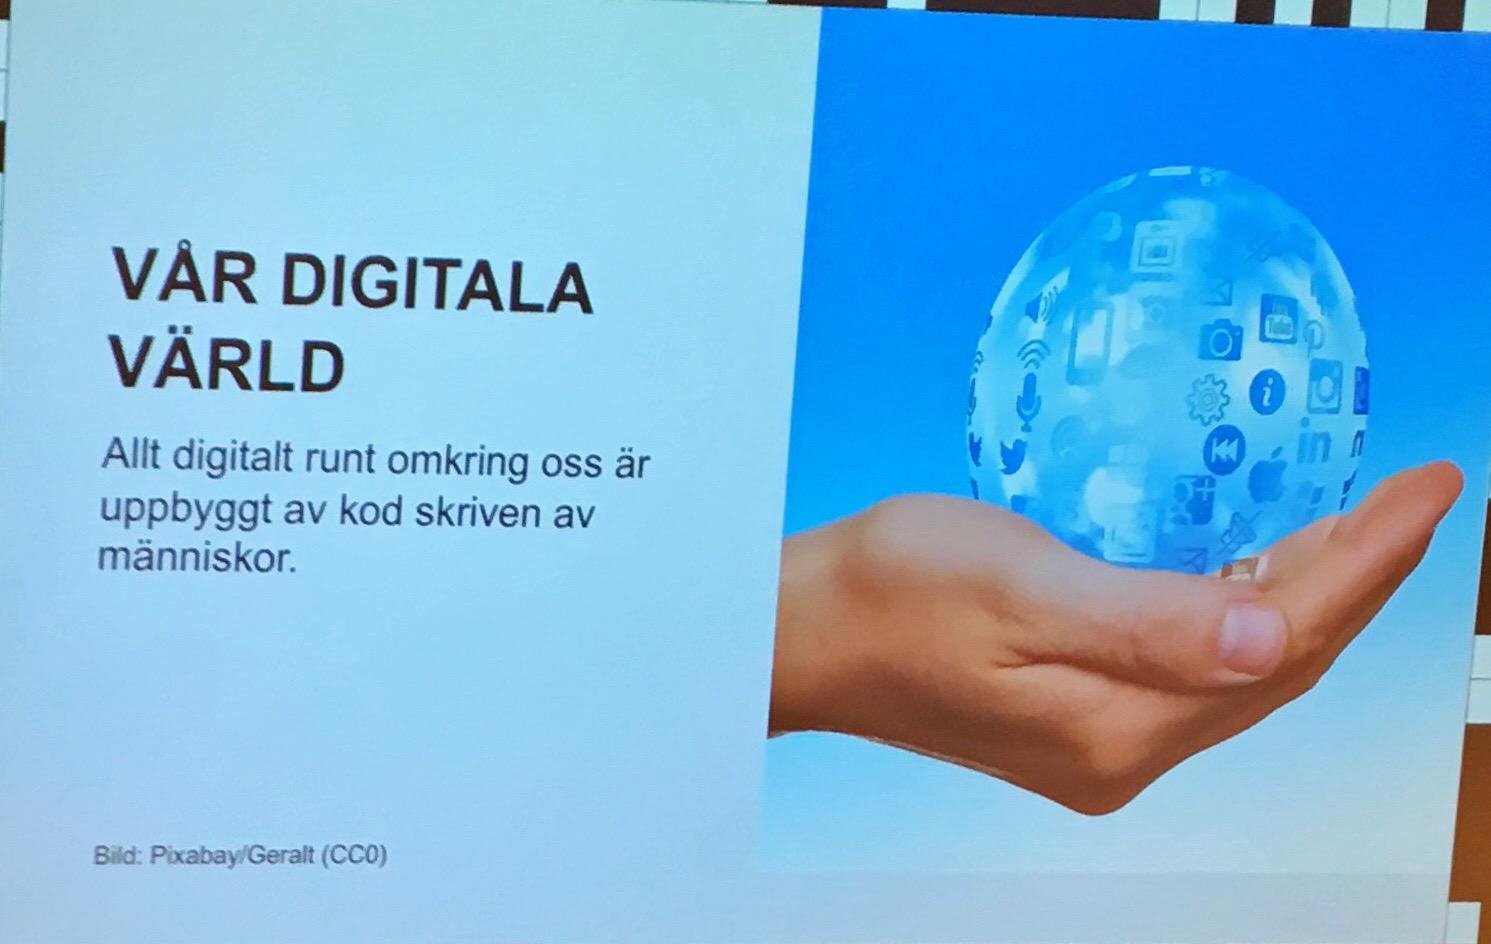 Bild från presentation där det står Vår digitala värld.